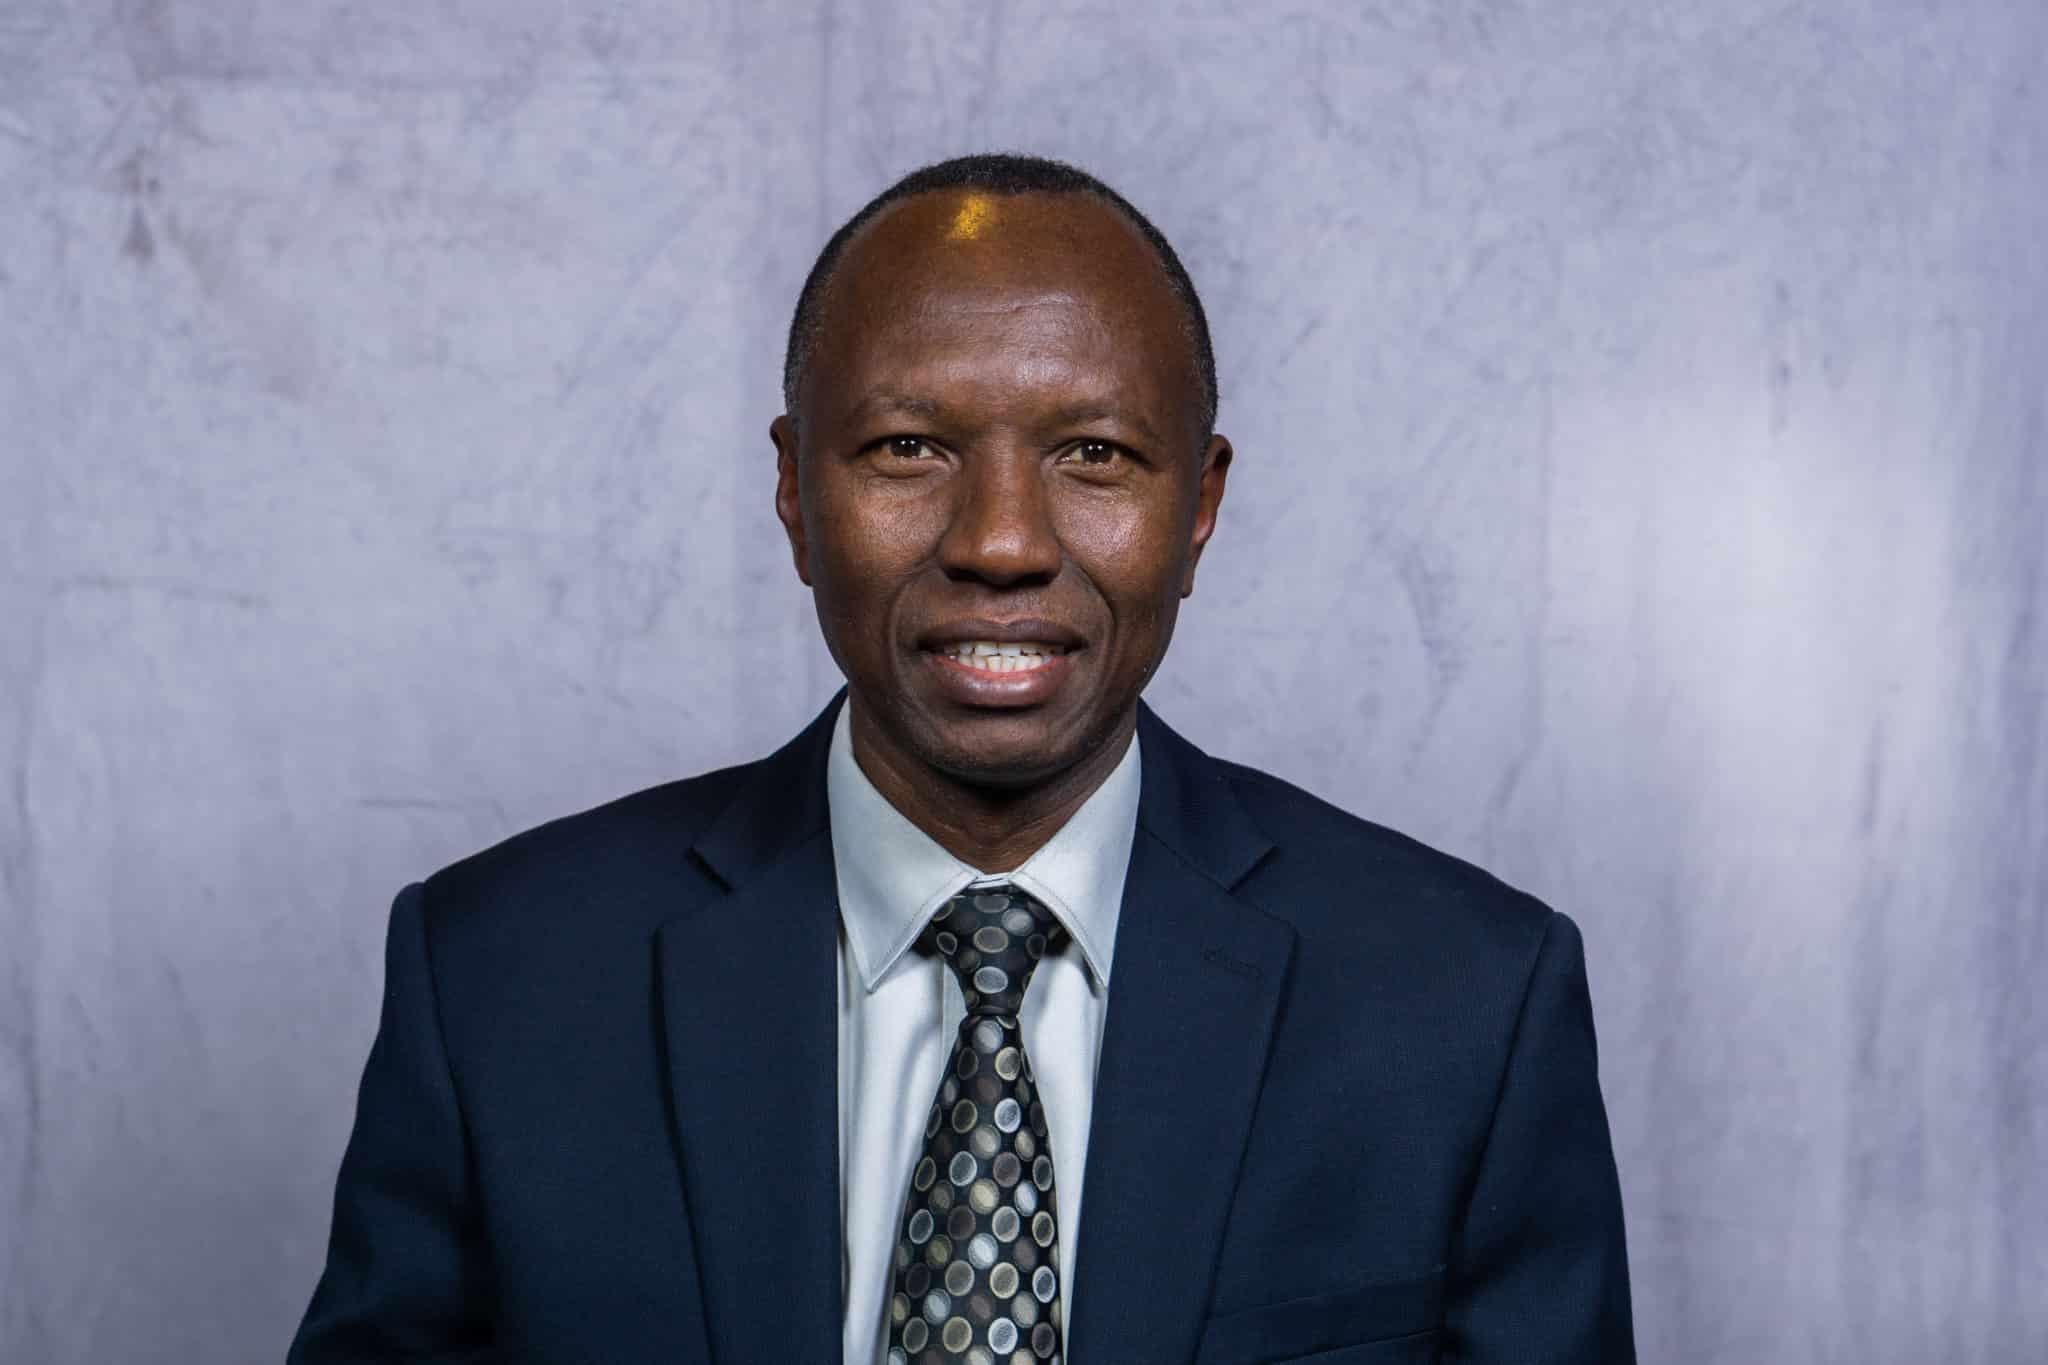 Dr. Phodidas Ndamyumugabe